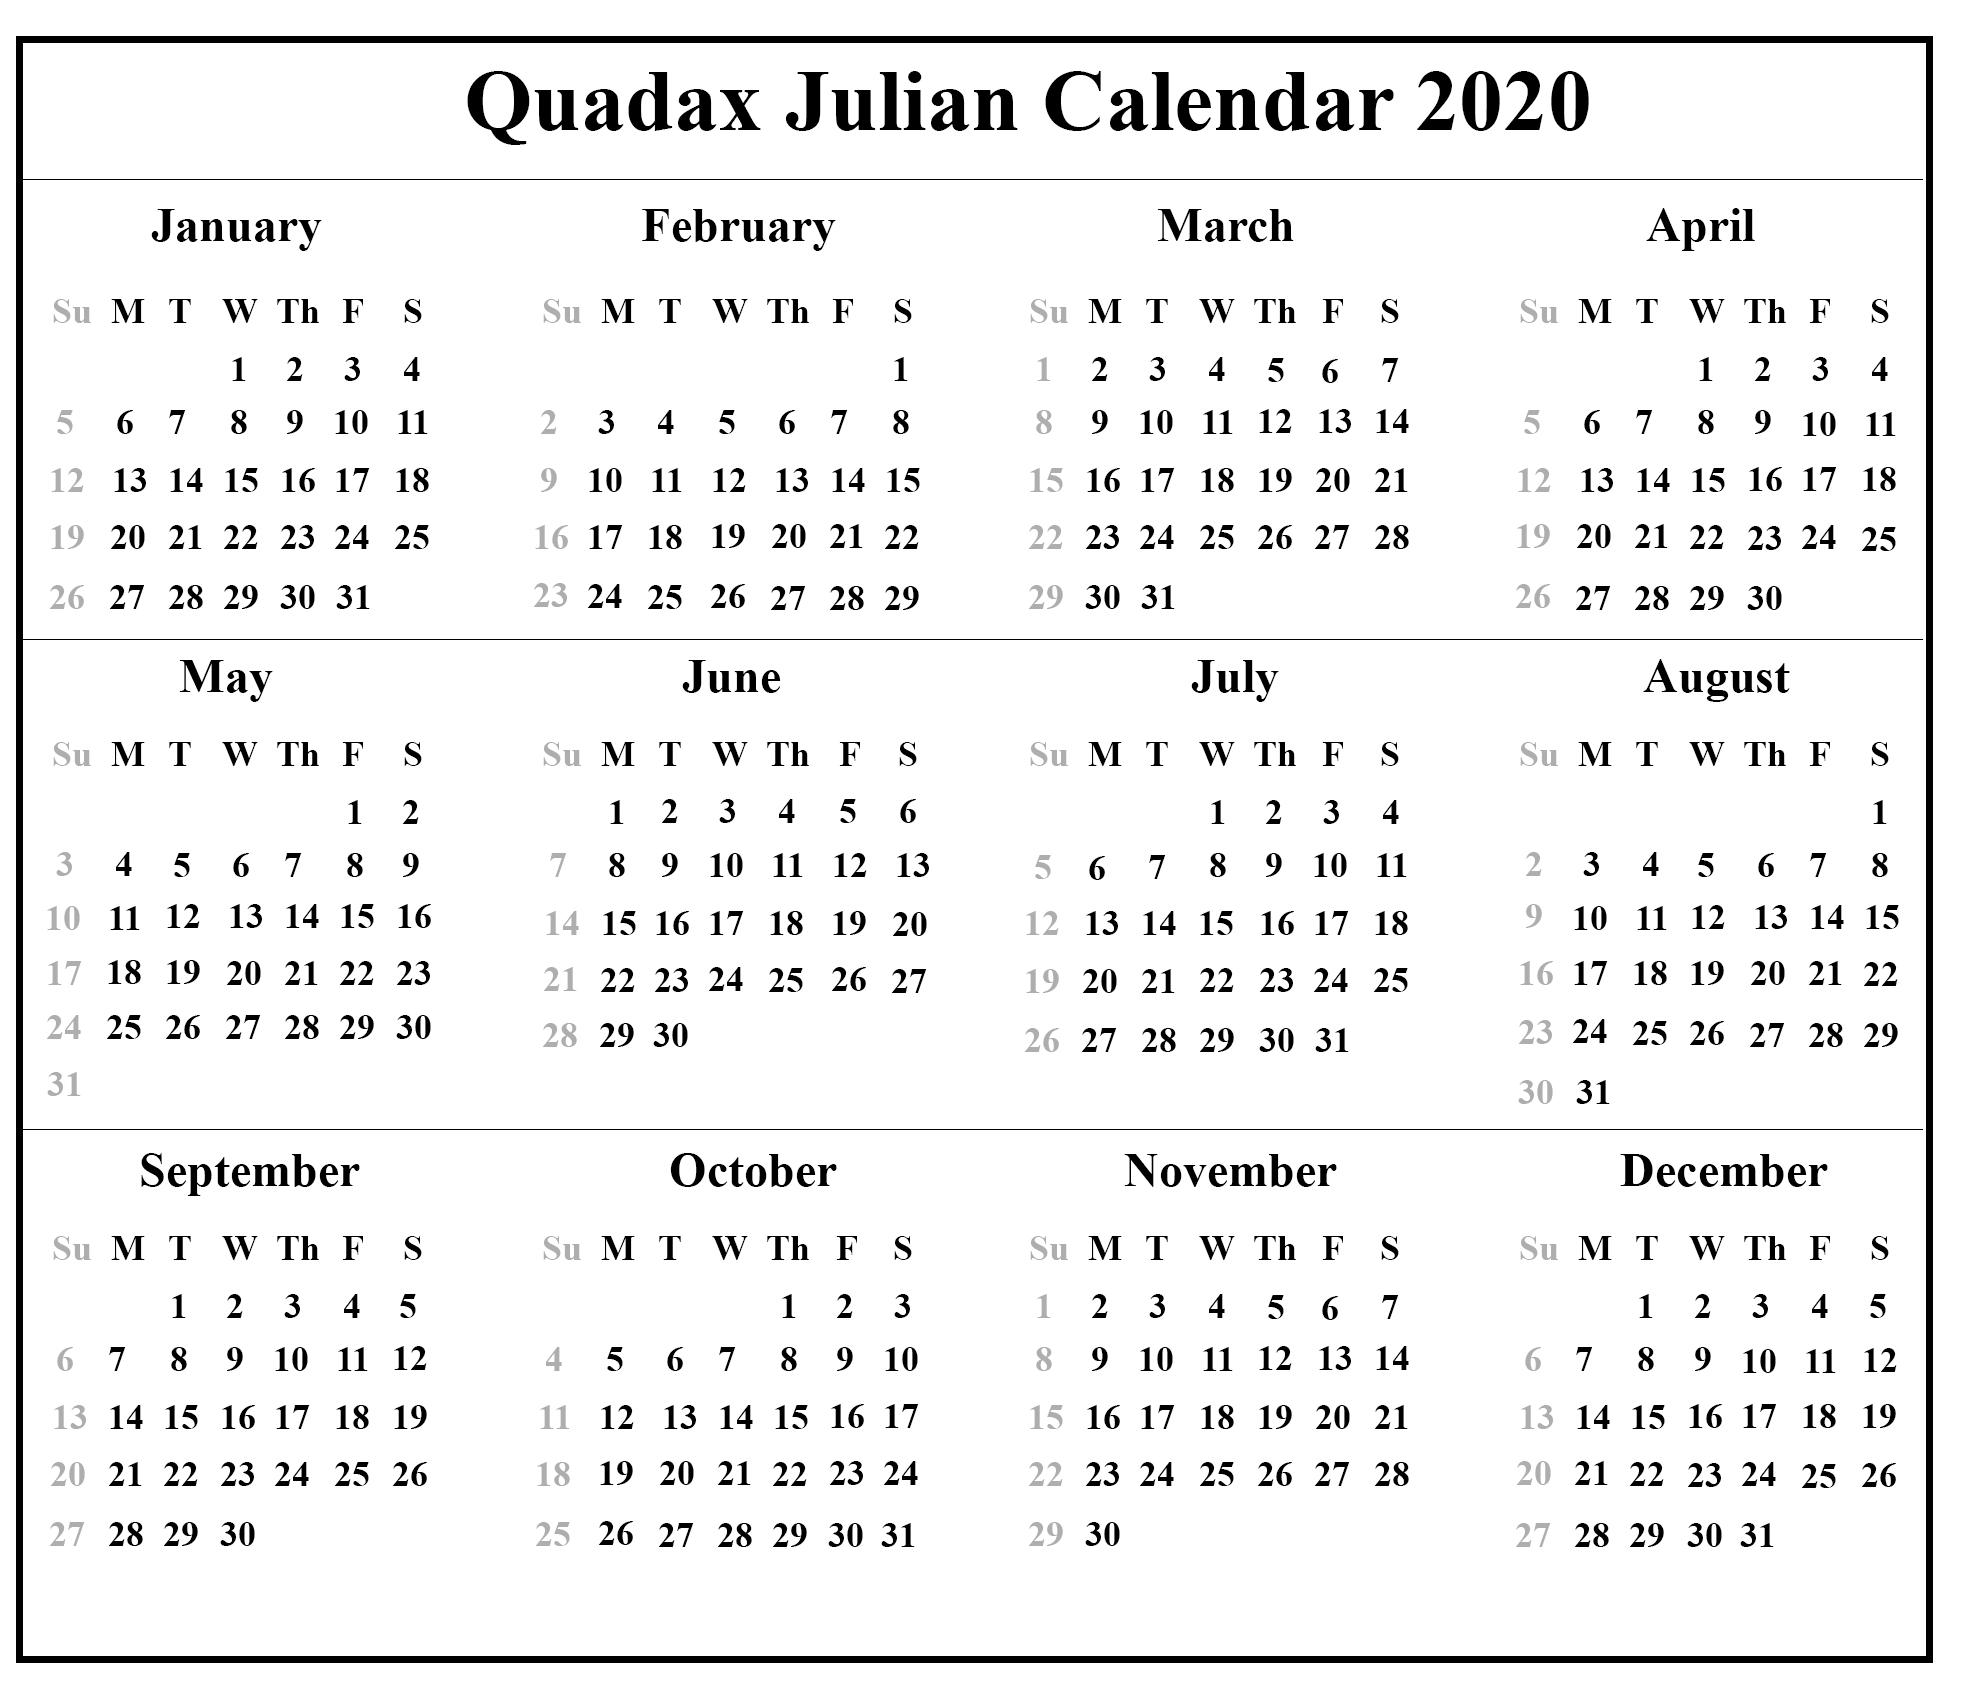 2020 Julian Calendar Printable Pdf | Example Calendar Printable inside 2020 Julian Calendar